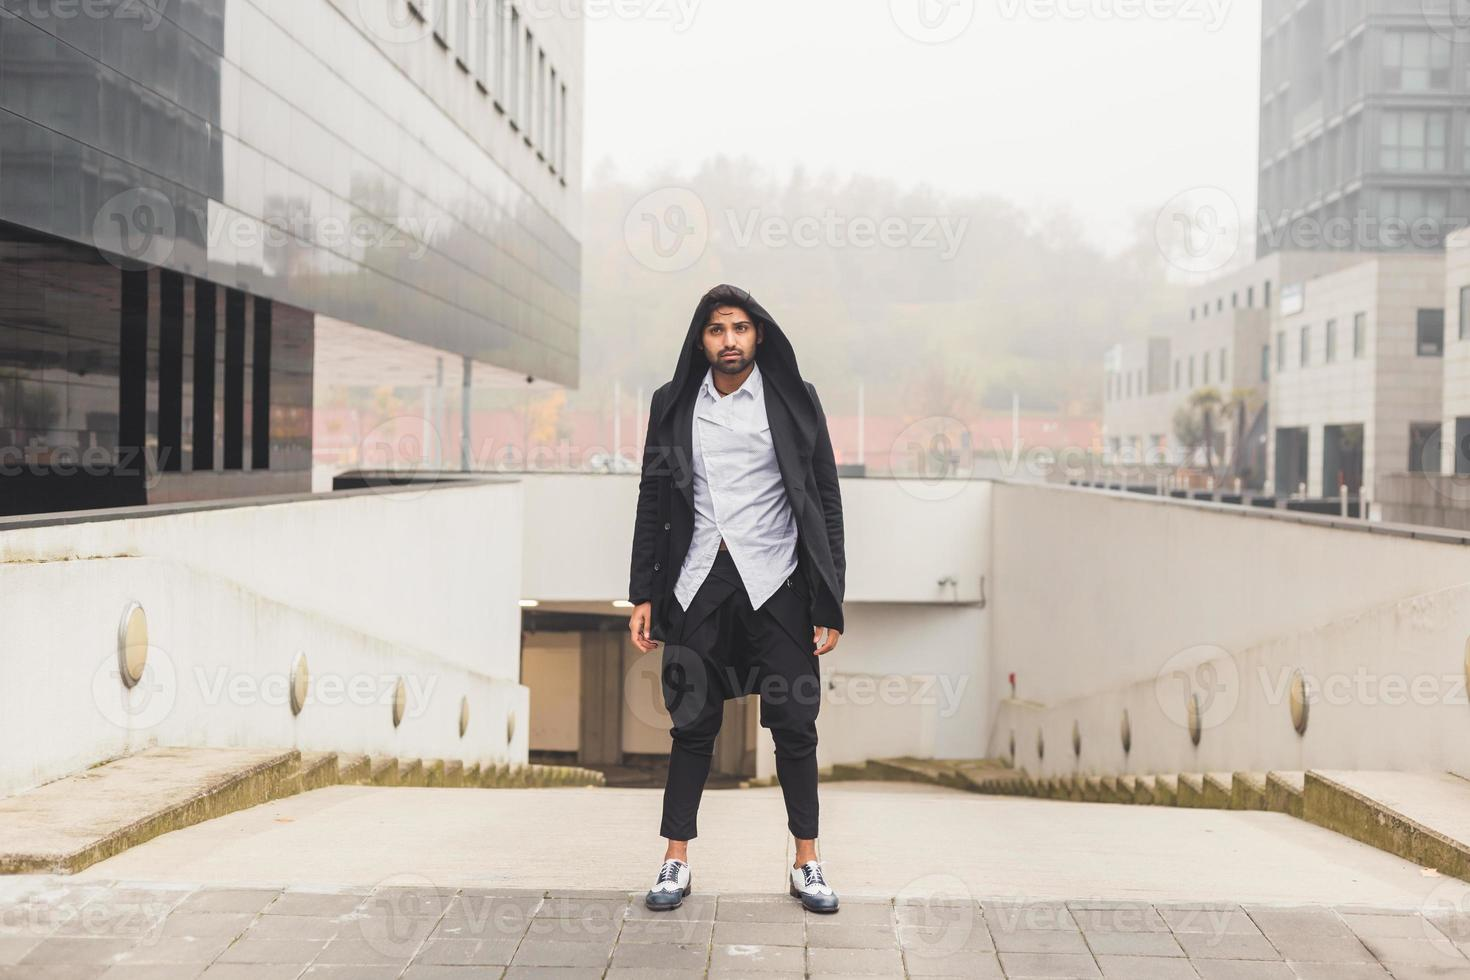 knappe Indier poseren in een stedelijke context foto